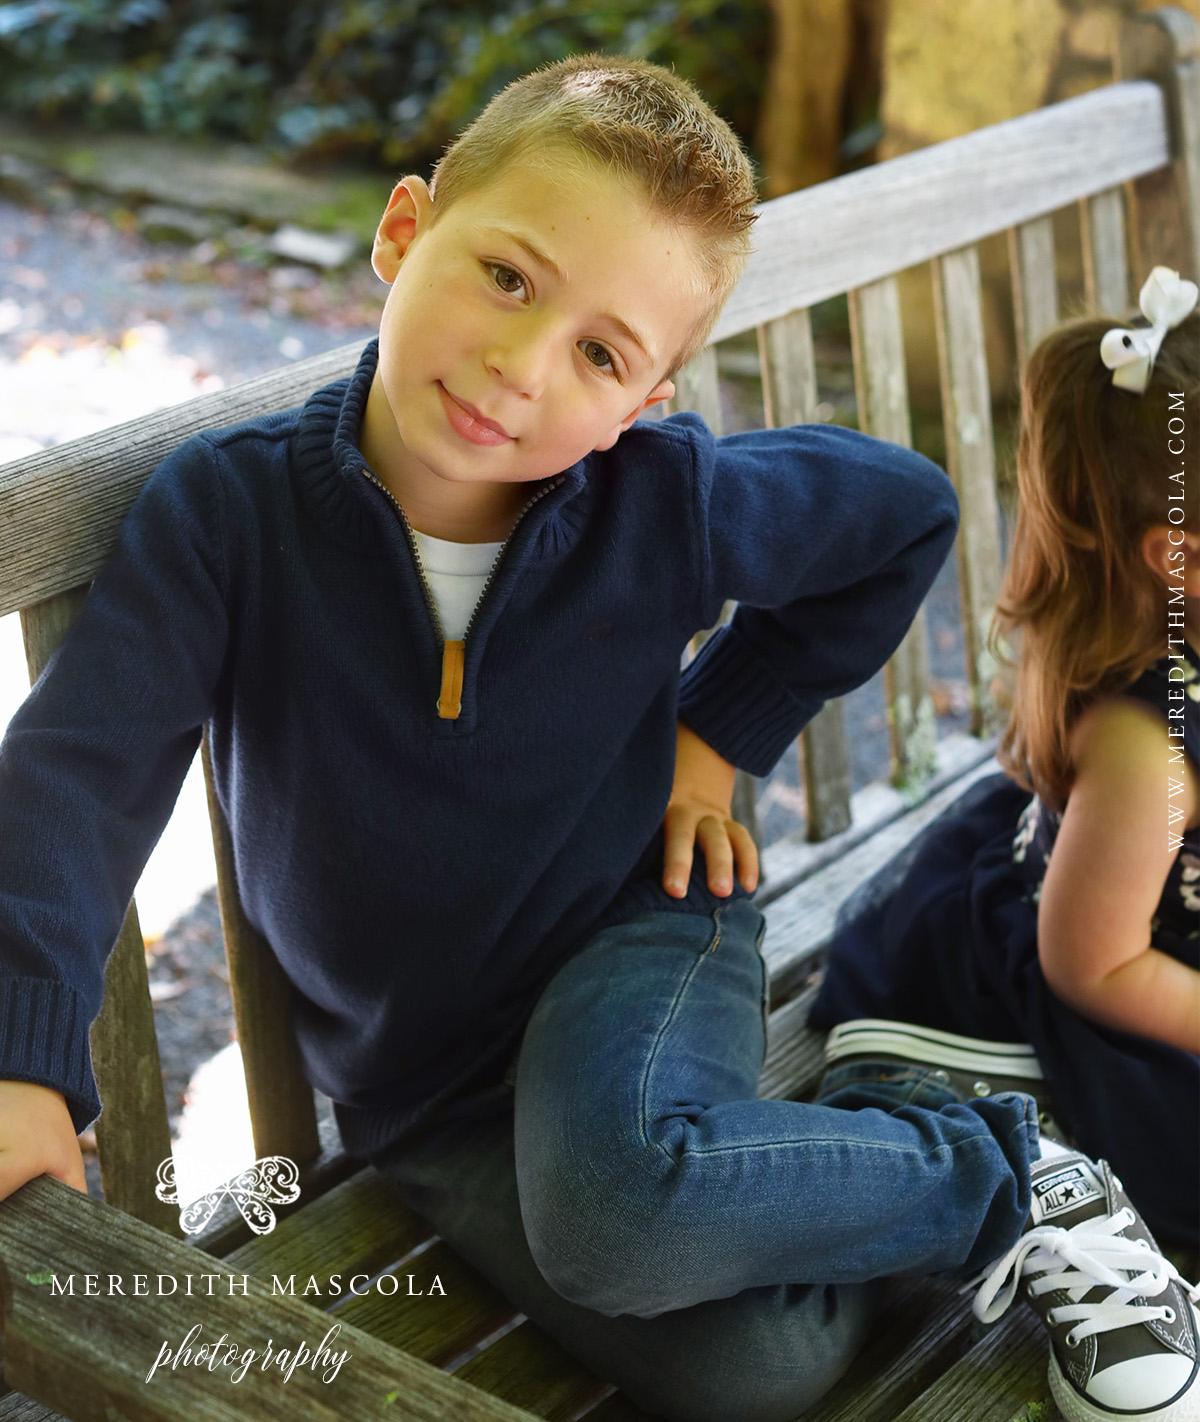 newjerseyfamilyphotographer81.jpg